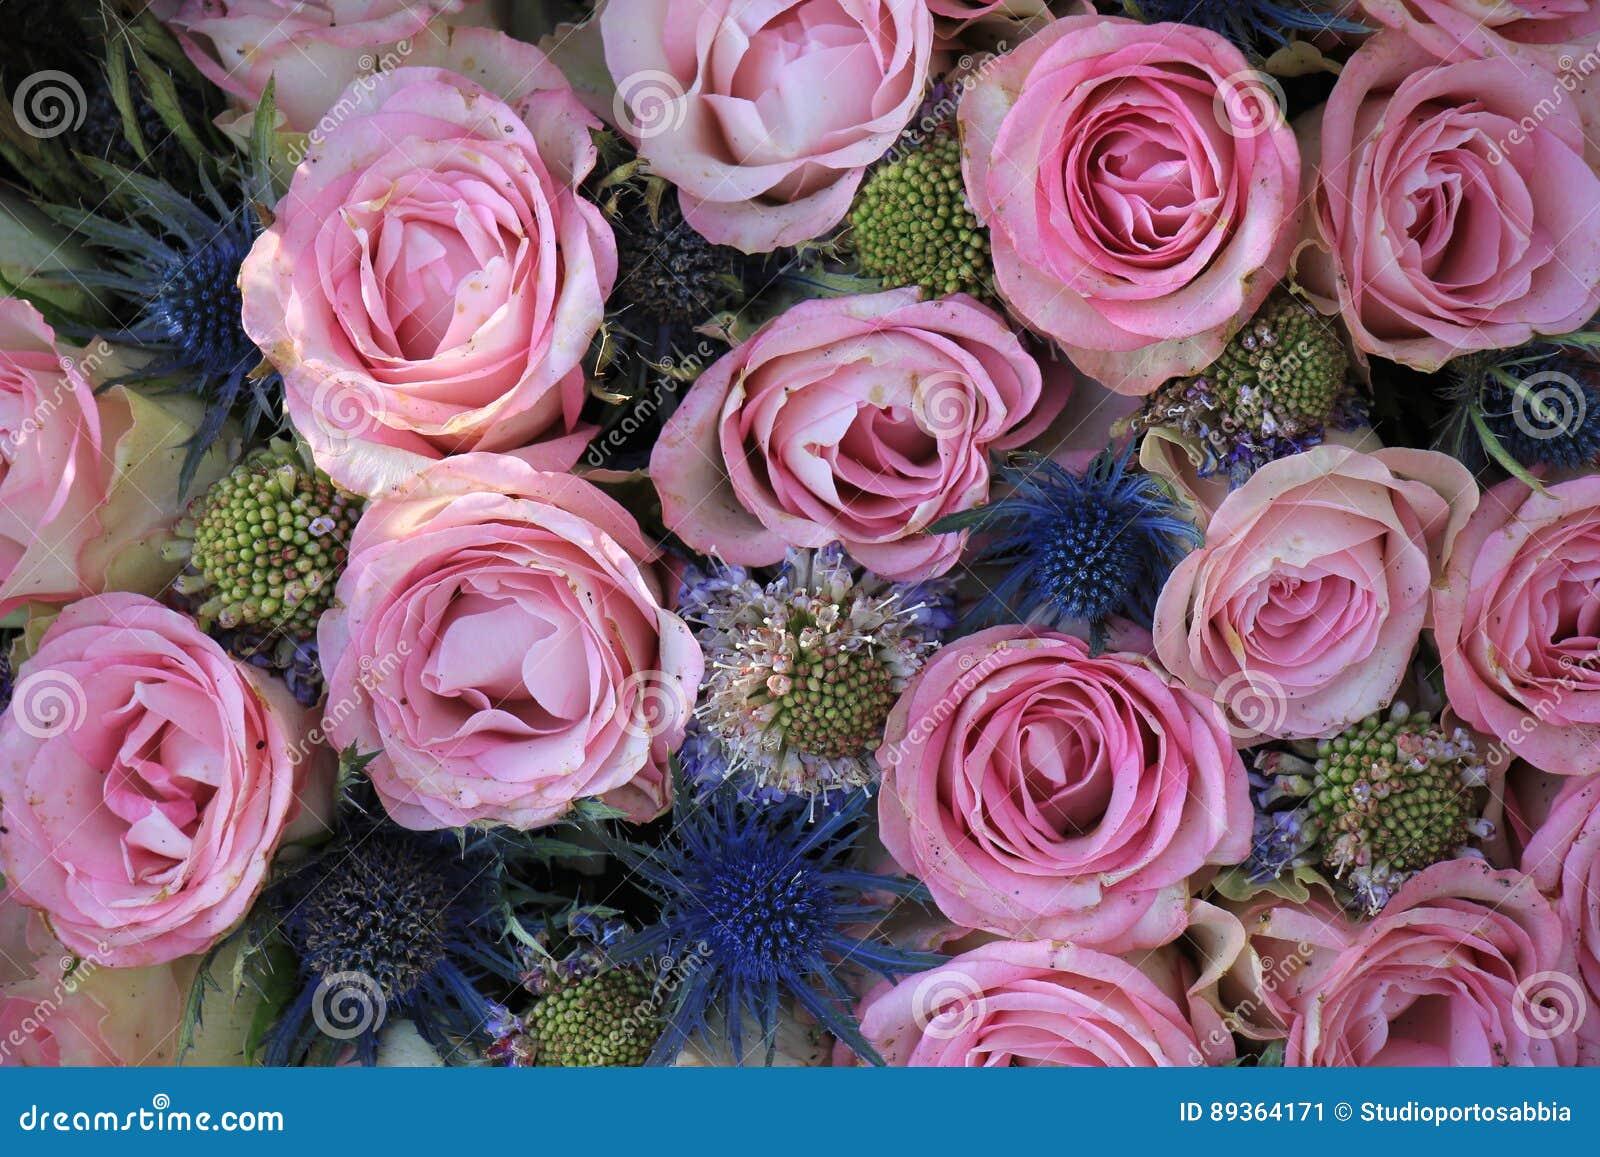 Rosa Und Blaue Hochzeitsblumen Stockbild Bild Von Floral Distel